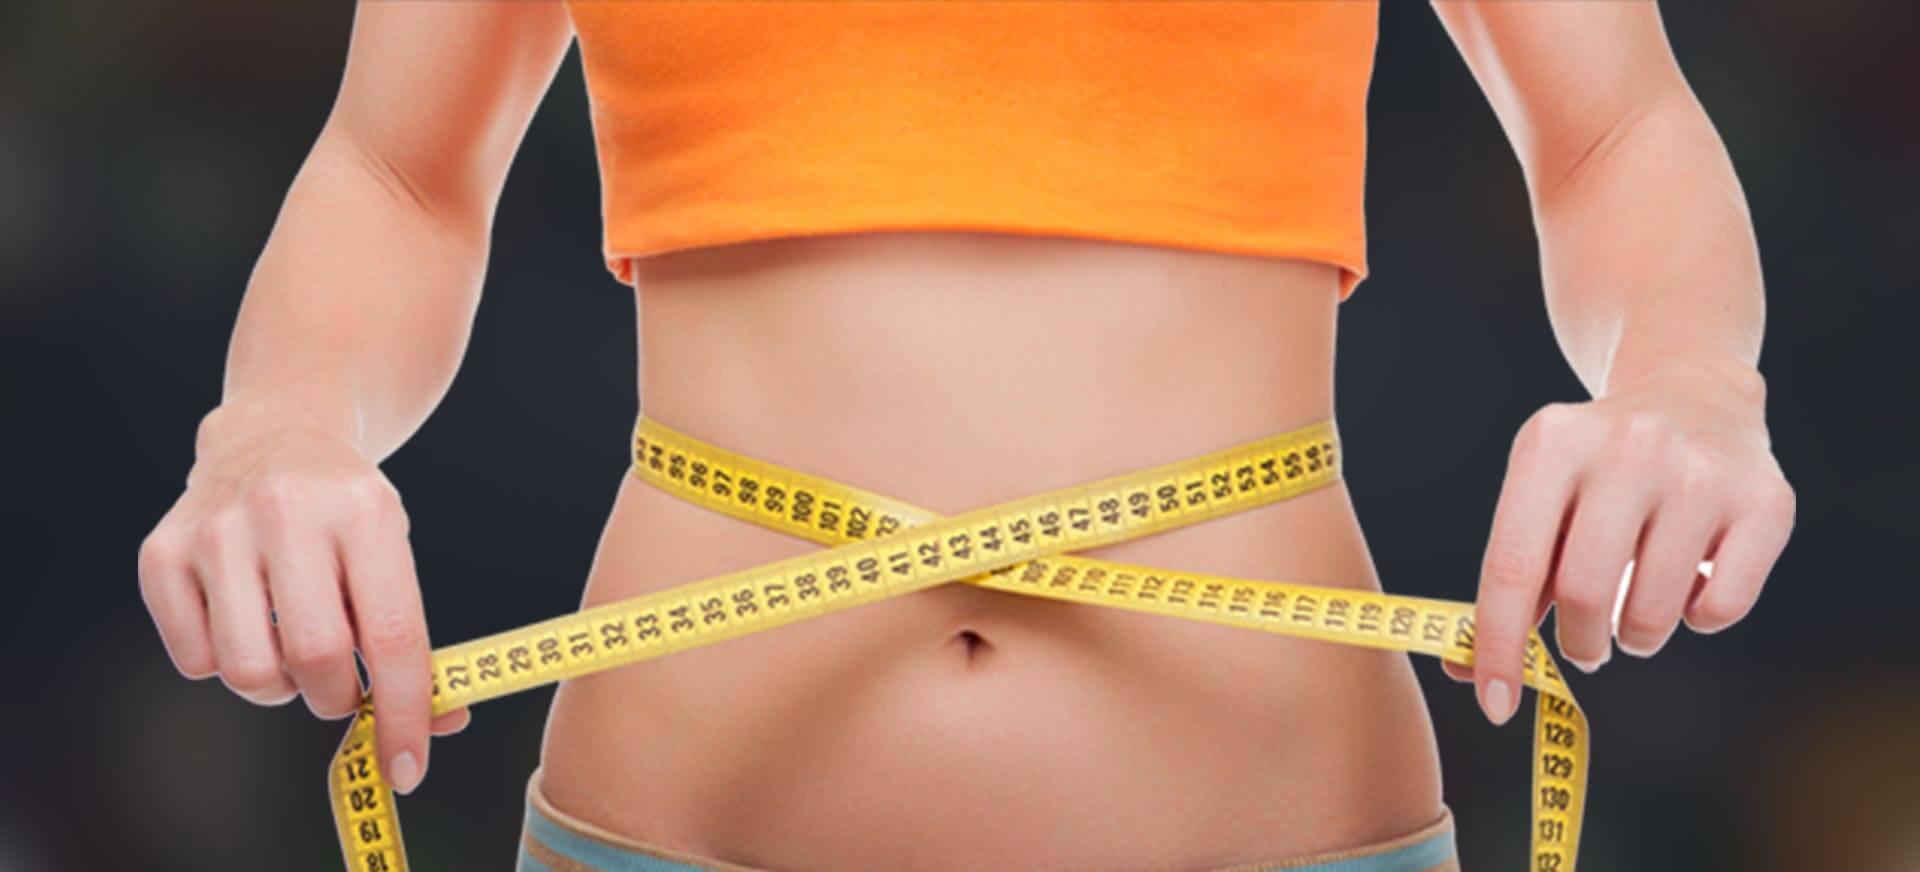 Tratamiento para bajar de peso con la hormona hcg